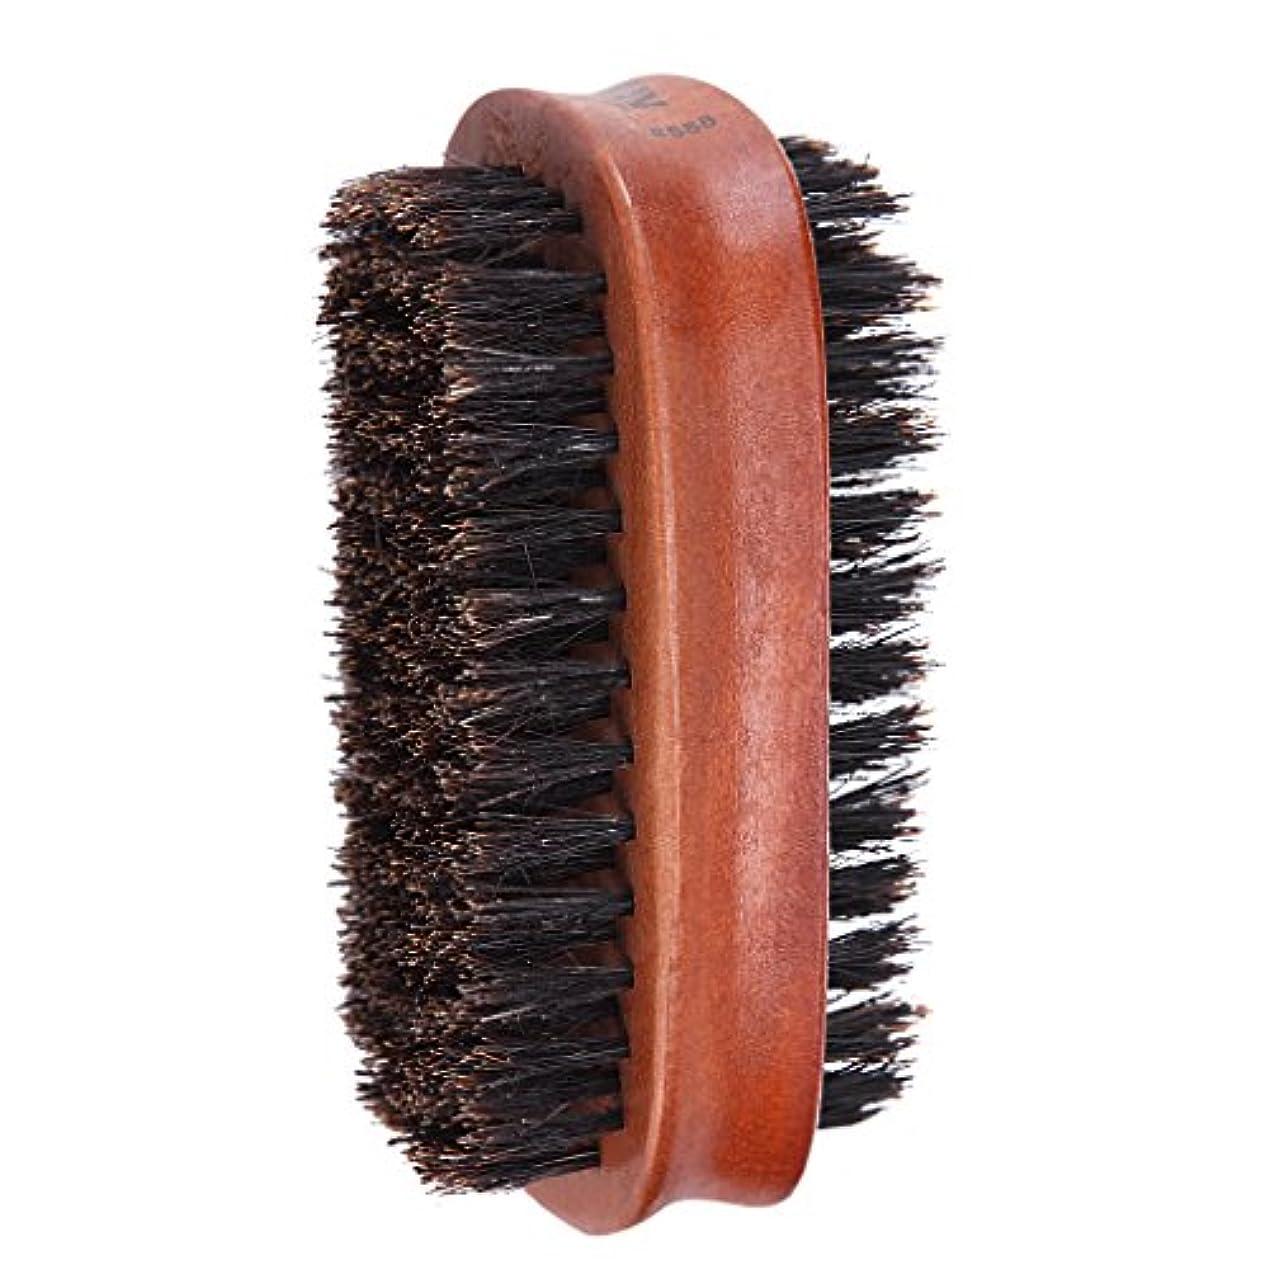 満州安全でない個人Toygogo ヘアブラシ 両面ブラシ 男性 髭 口ひげ グルーミングブラシ ブリストルブラシ